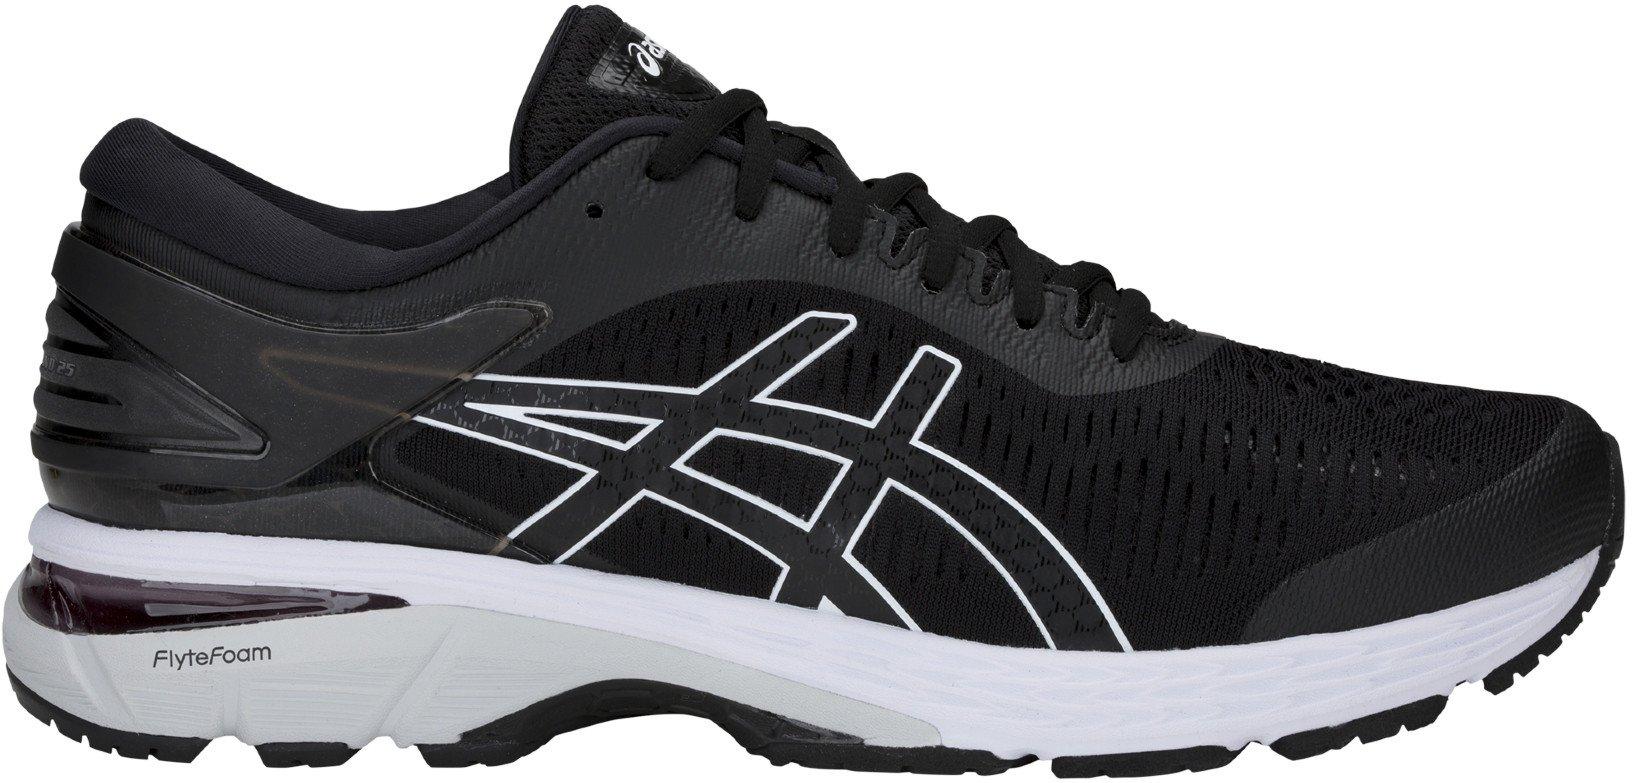 Pánské běžecké boty Asics Gel-Kayano 25